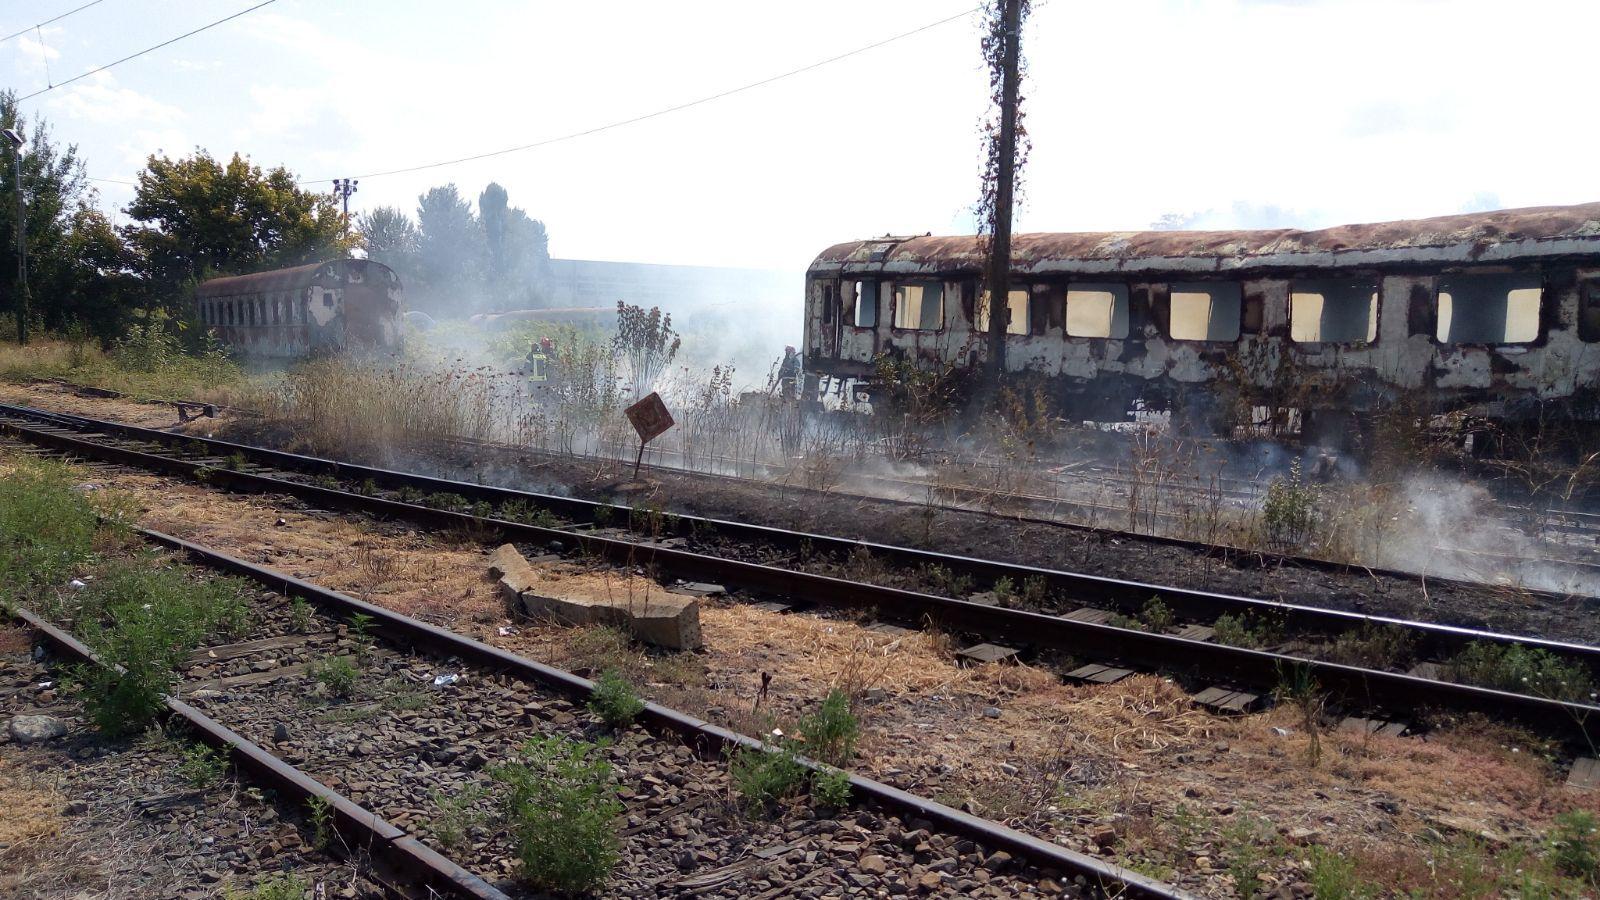 GALERIE FOTO   INCENDIU lângă Gara Basarab: Un vagon dezafectat a ars în totalitate / UPDATE: Focul a fost stins de pompieri